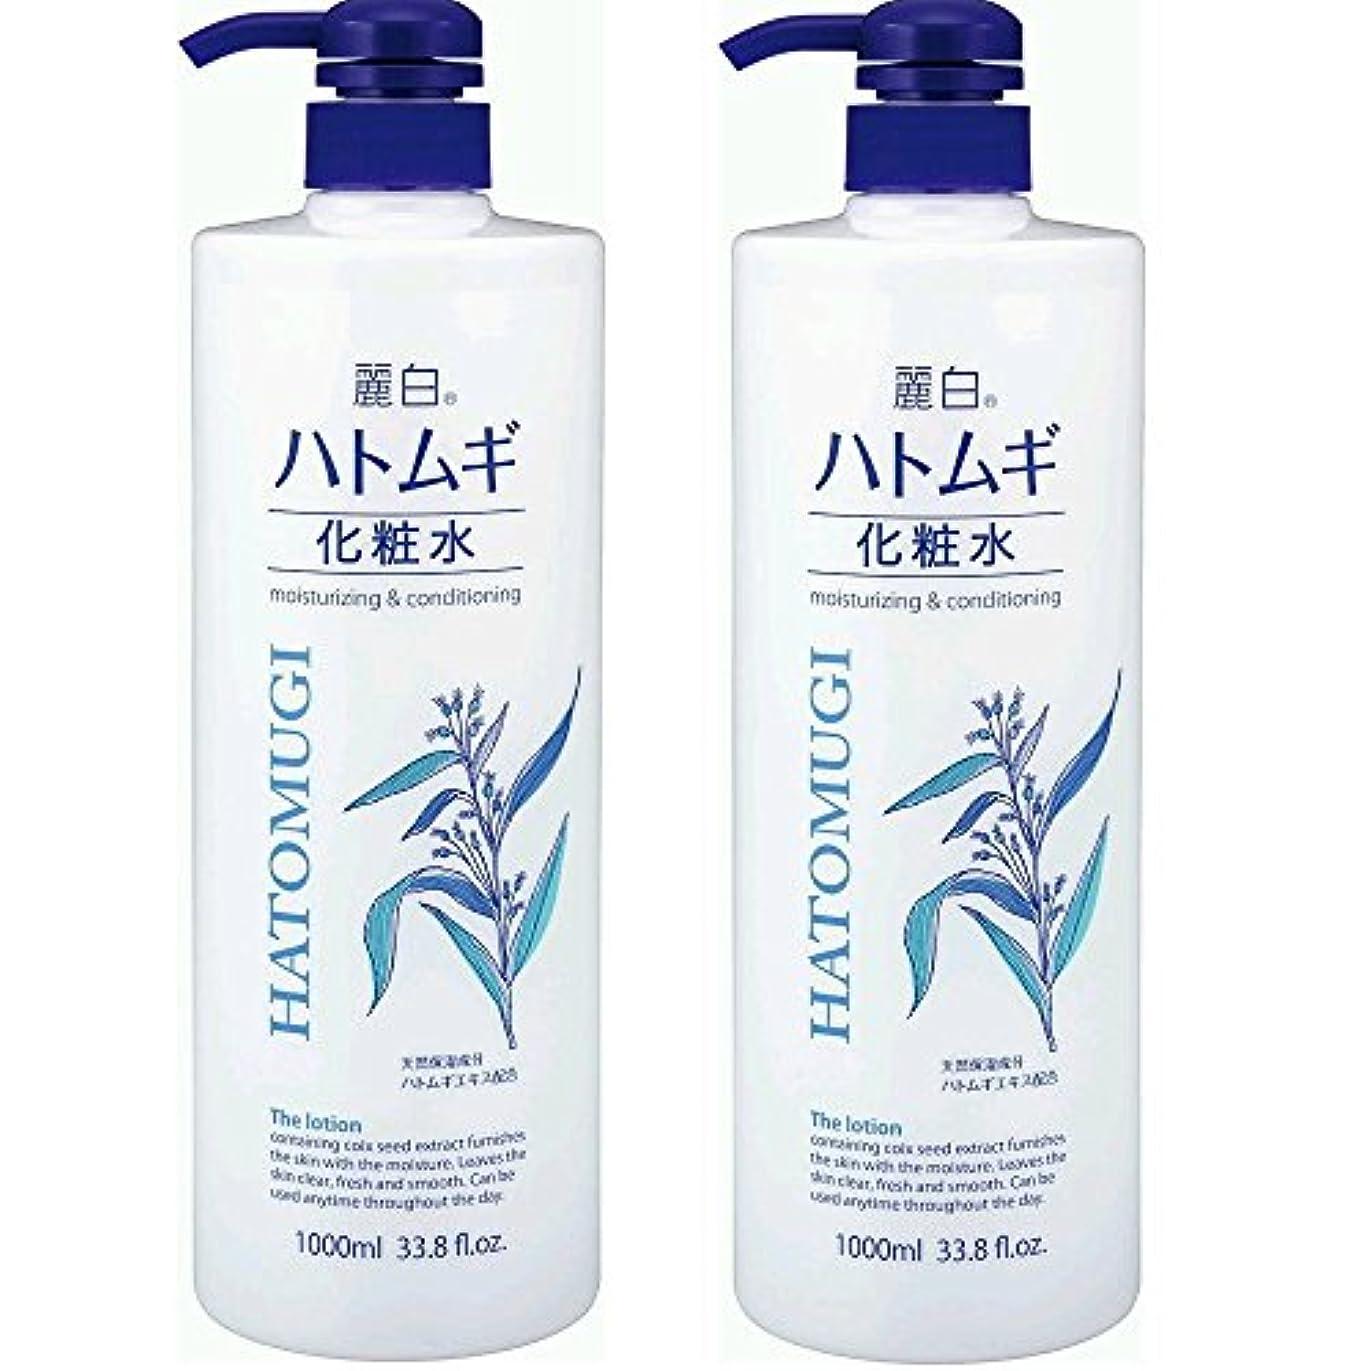 改善する感情バラエティ麗白 ハトムギ化粧水 本体 大容量サイズ 1000ml 2本セット